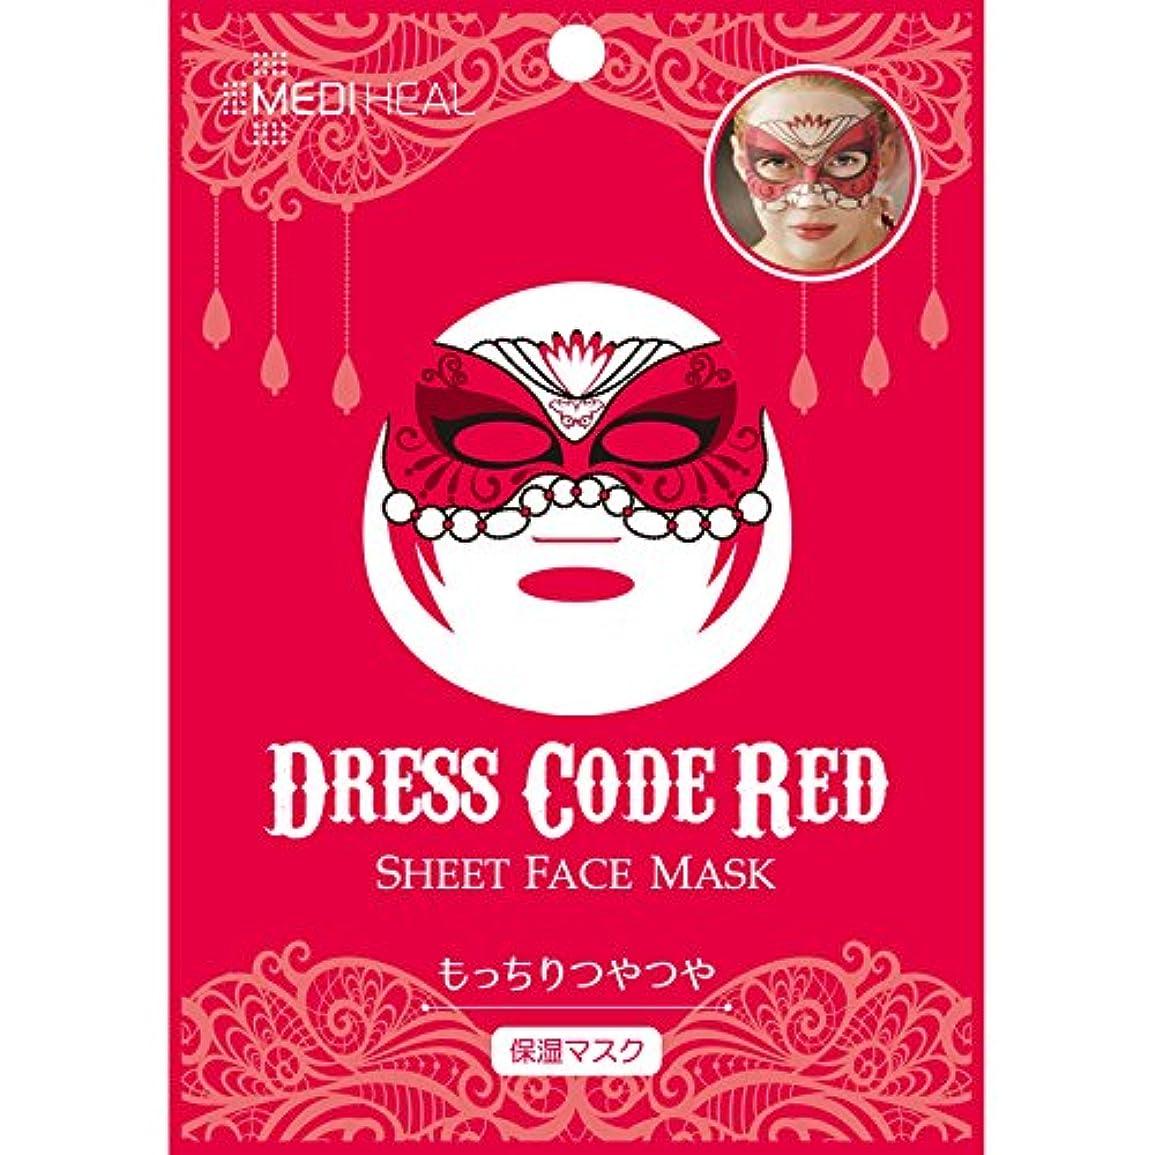 のり返済好意メディヒル フェイスマスク ドレスコードレッド (27ML/1シート)